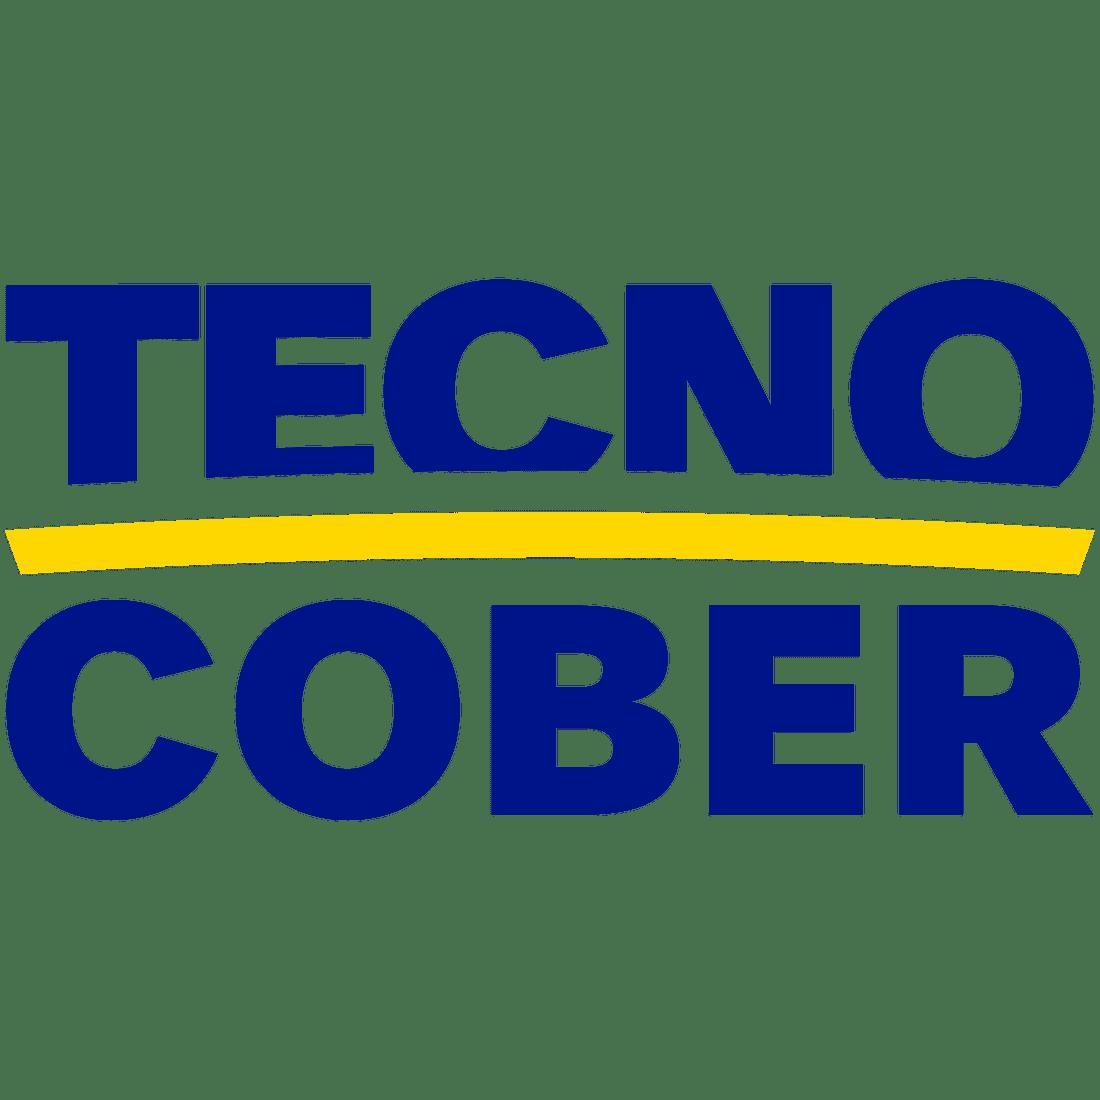 Tecnocober 1968